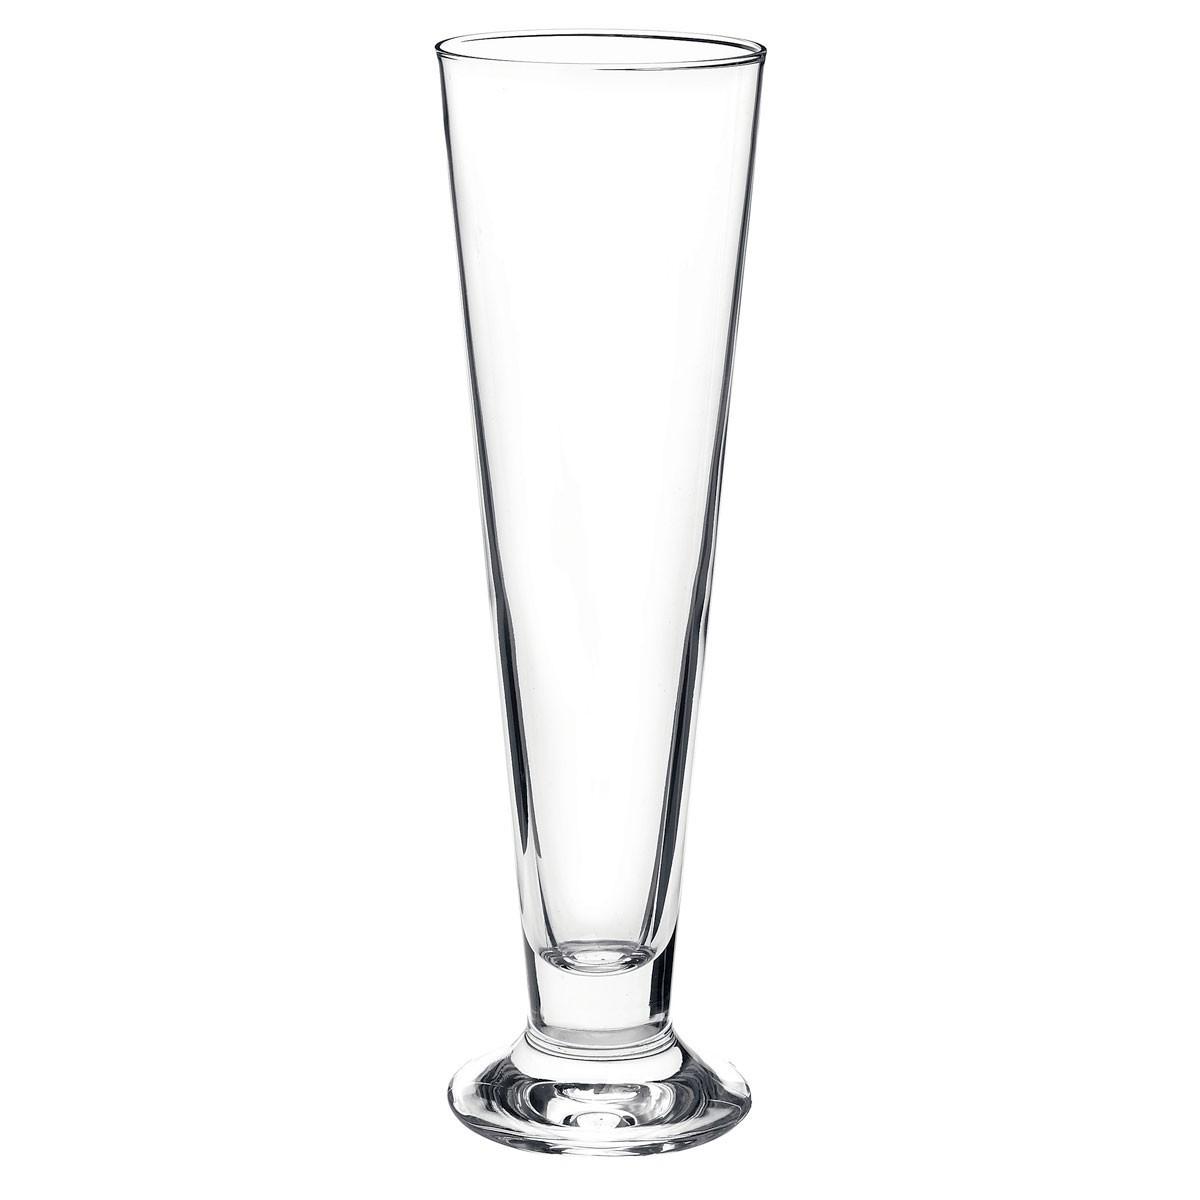 Bicchiere birra palladio 54 5 cl bormioli rocco conf - Porta bicchieri birra ...